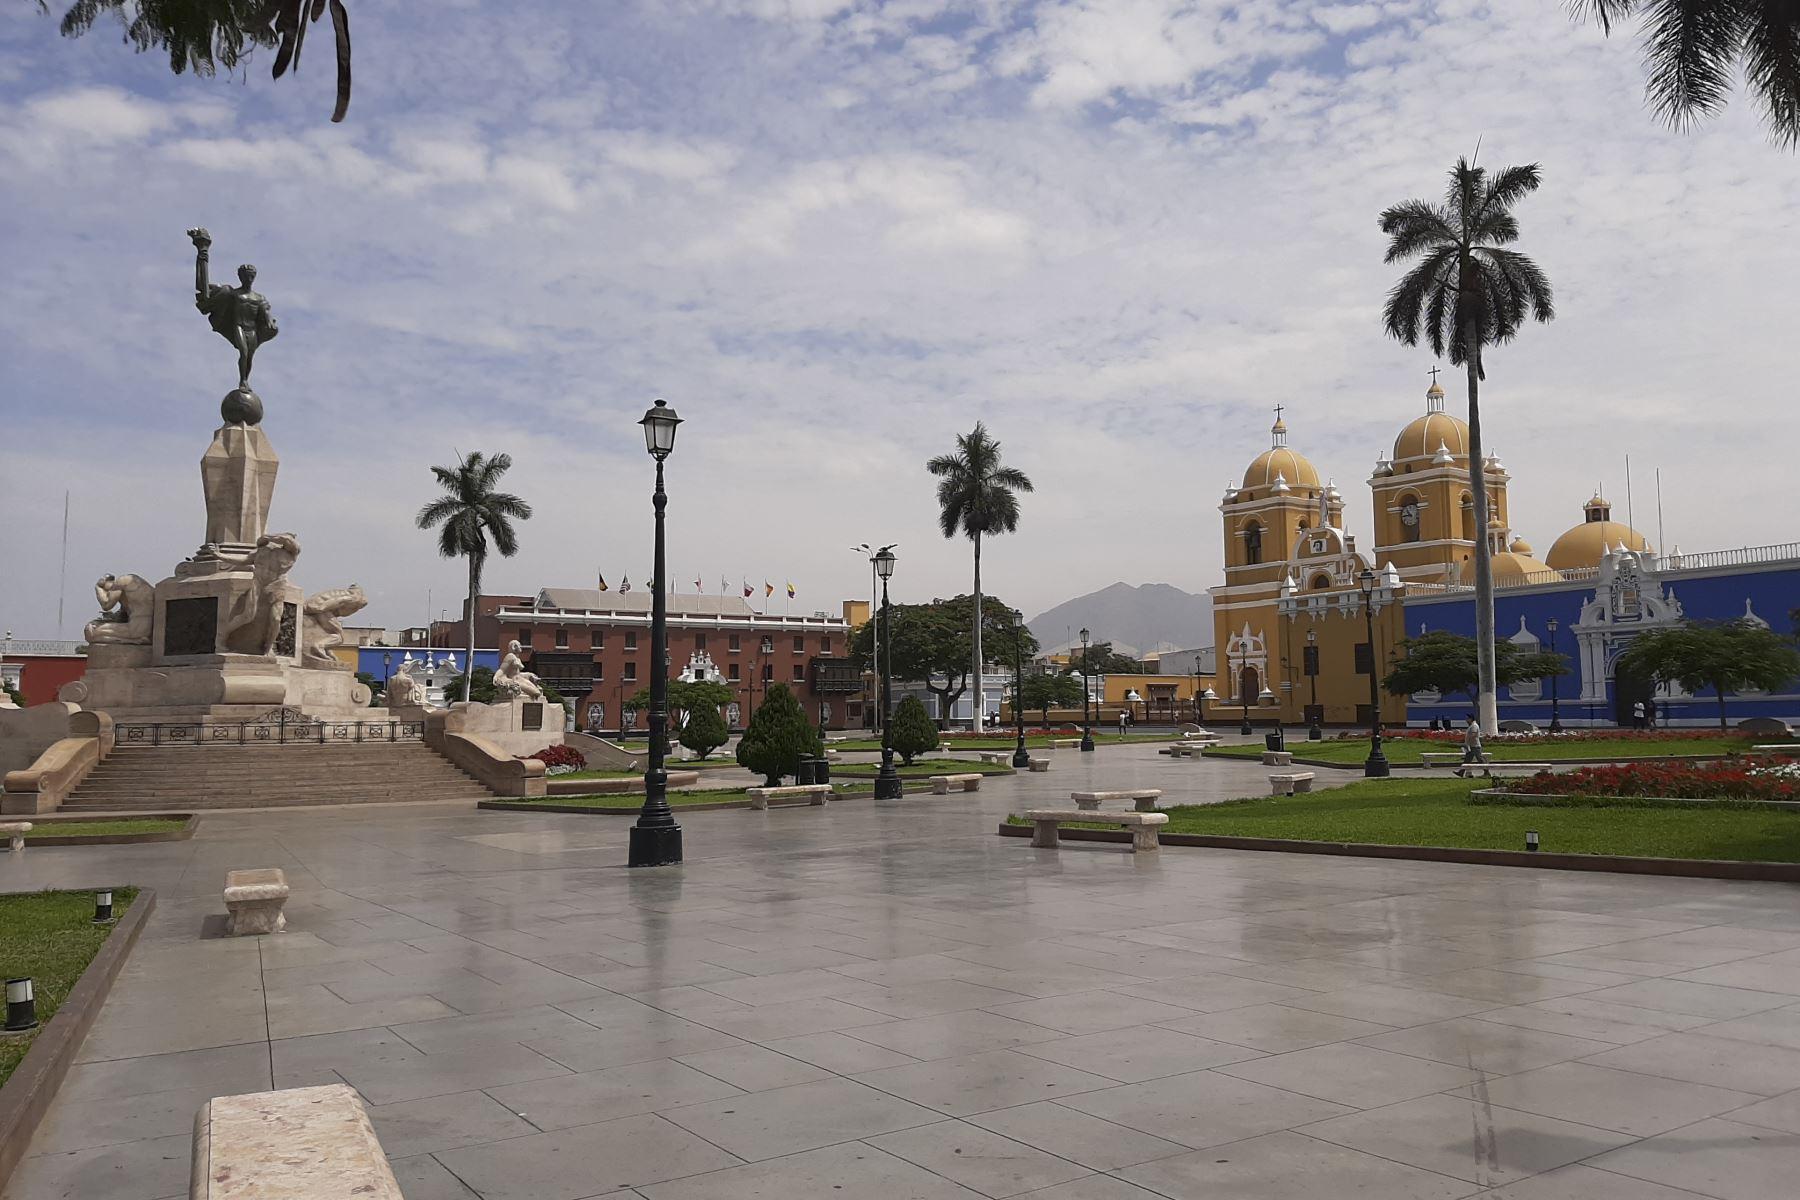 Histórica plaza de Armas de la ciudad de Trujillo, capital del departamento de La Libertad. Foto: ANDINA/Difusión